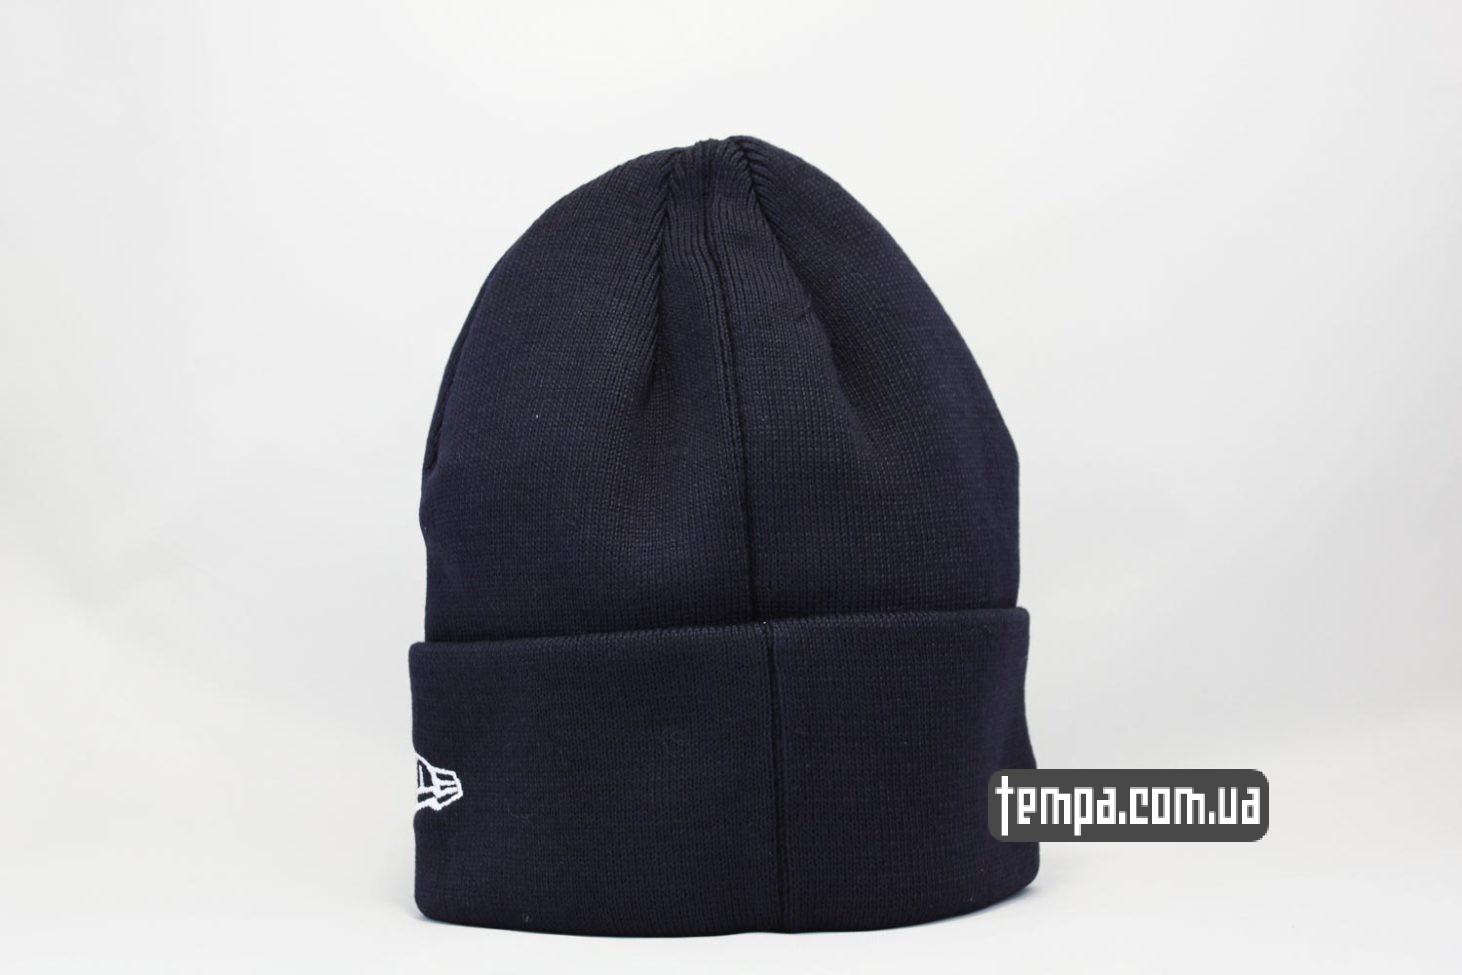 теплая зимняя шапка beanie New York Yankees New Era темно-синяя